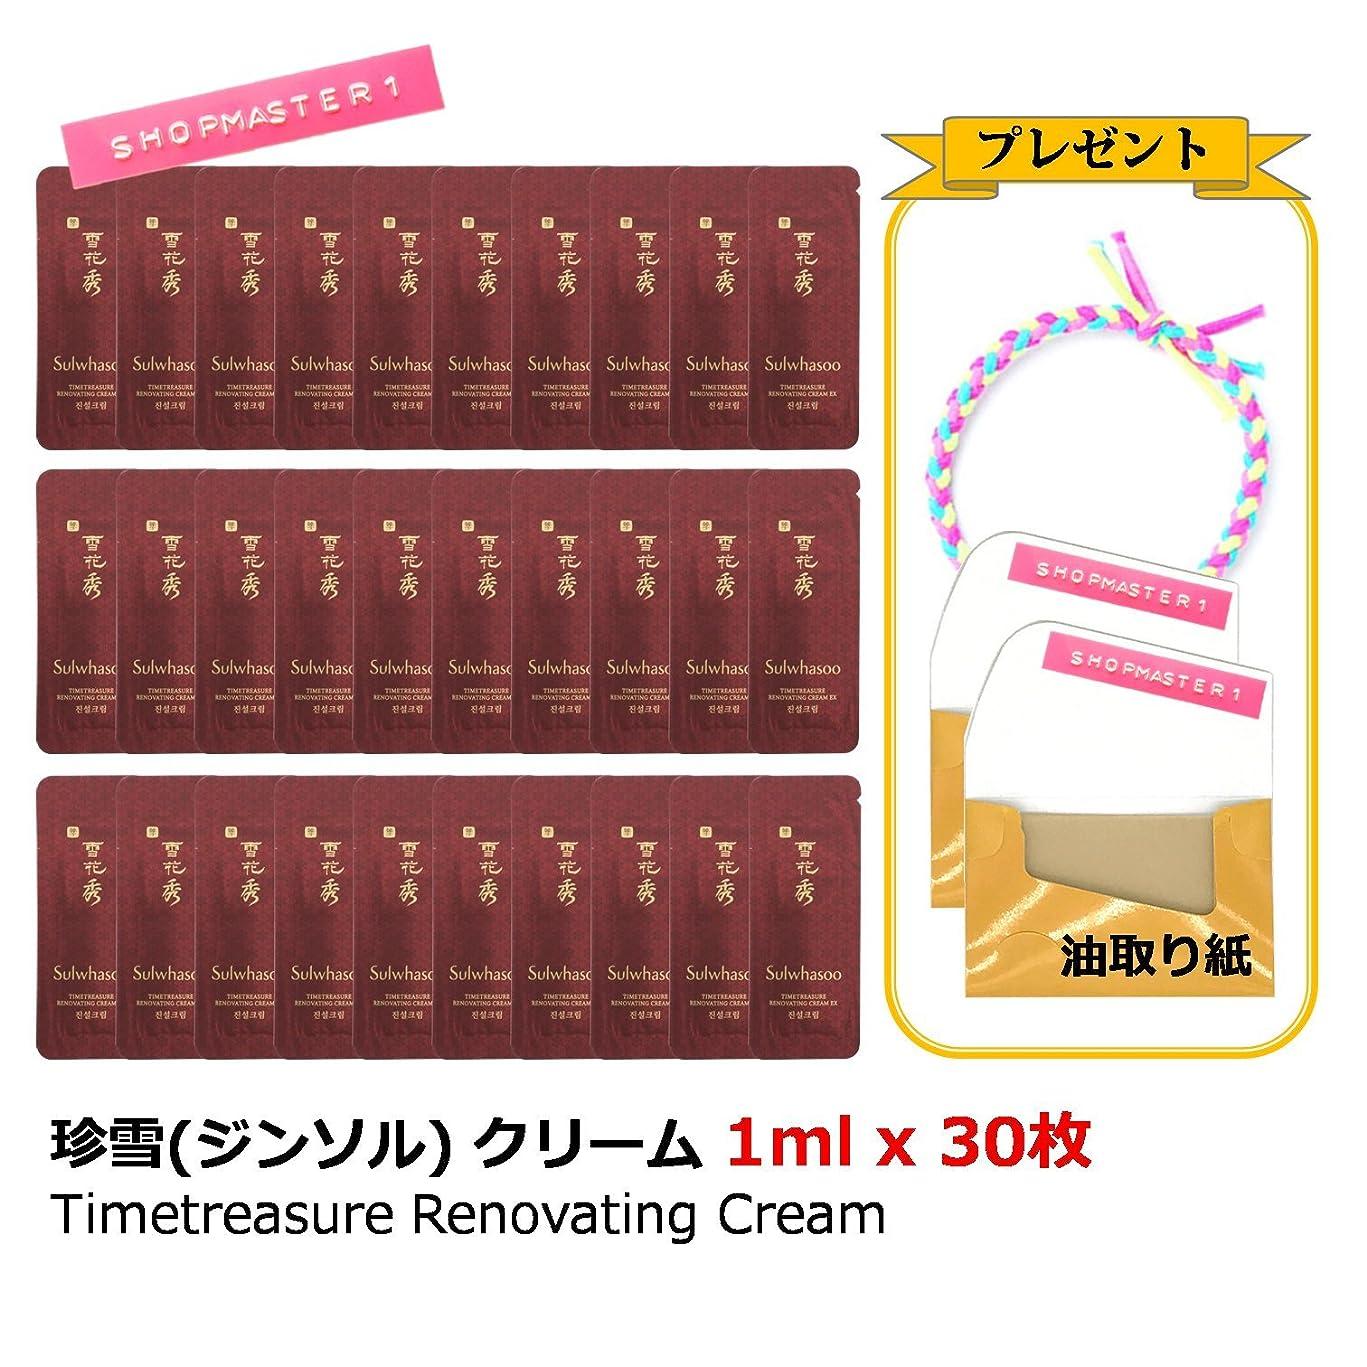 スクランブルわずらわしいはしご【Sulwhasoo ソルファス】珍雪(ジンソル) クリーム 1ml x 30枚 Timetreasure Renovating Cream/プレゼント 油取り紙 2個(30枚ずつ)、ヘアタイ/海外直配送